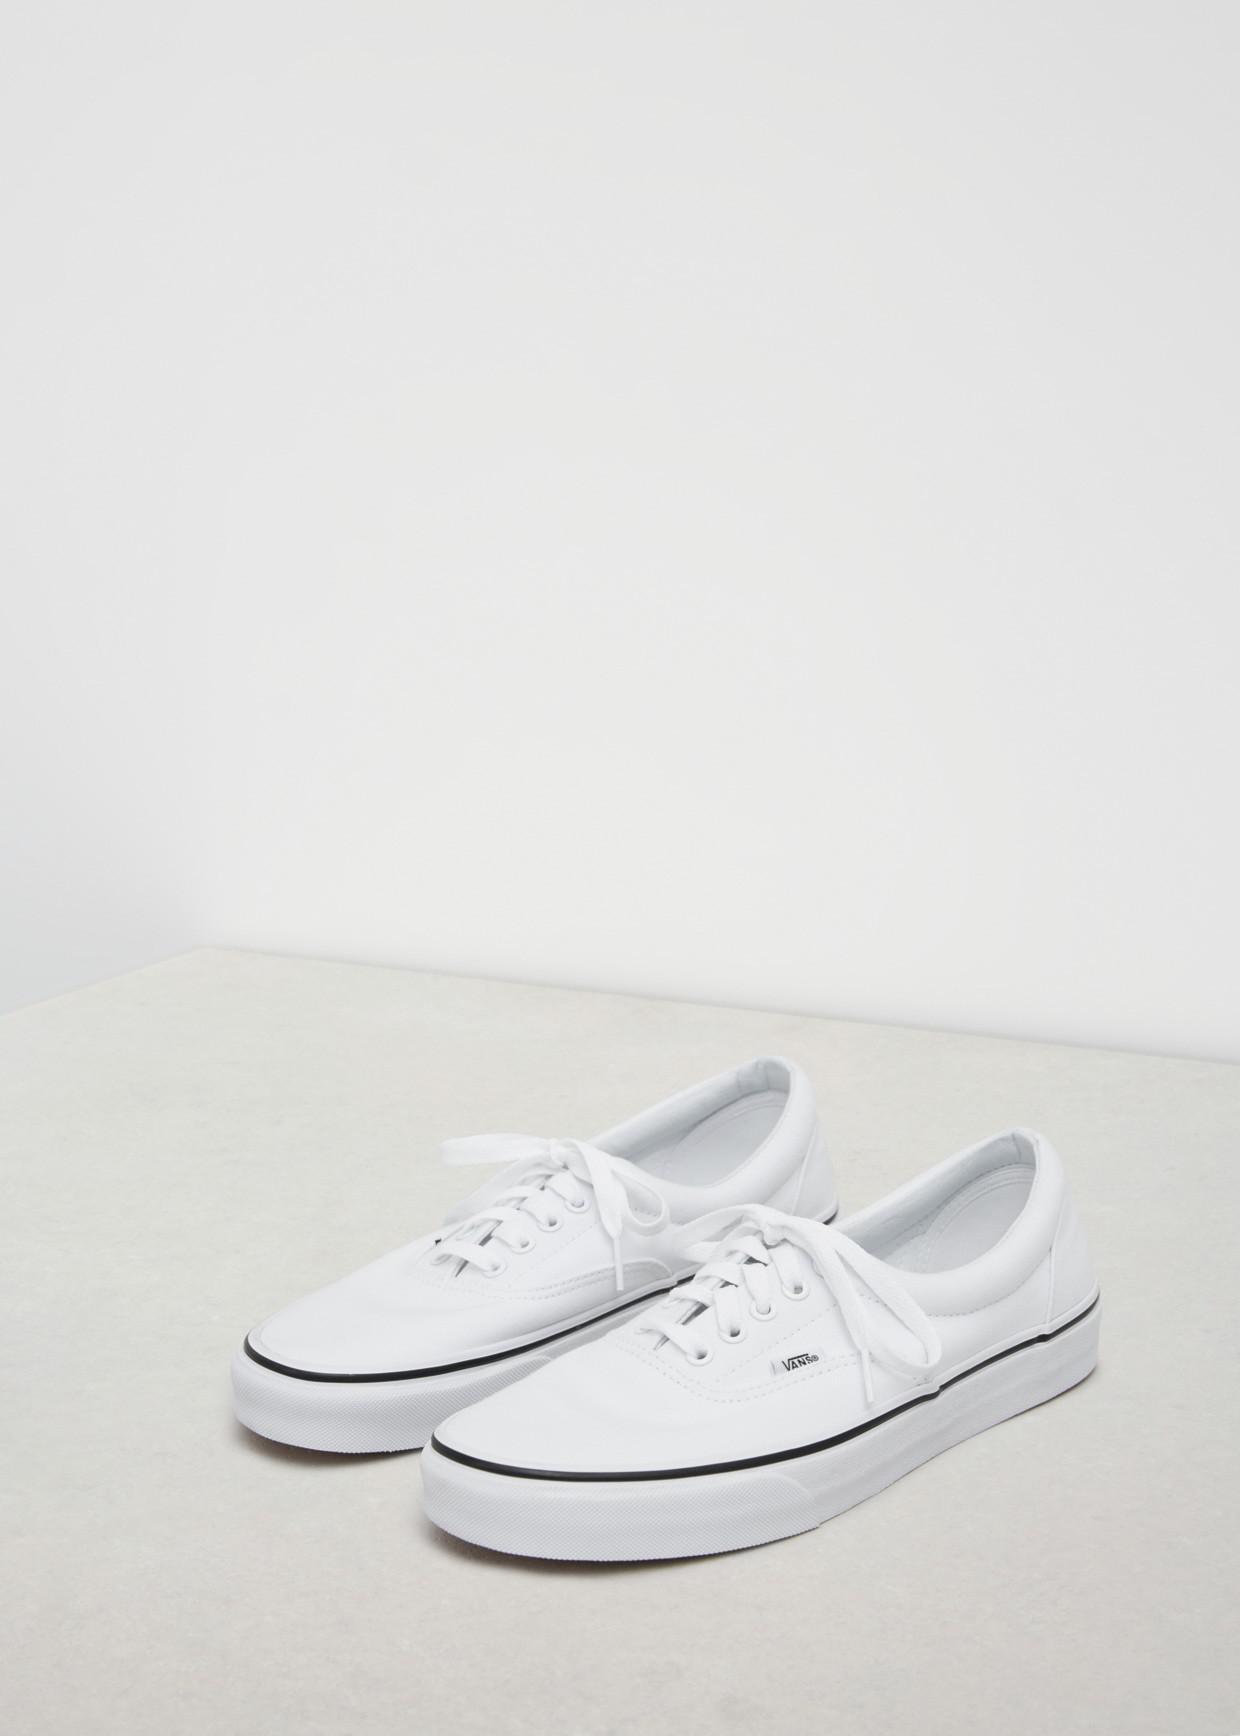 5e34e756395 Lyst - Vans True White Ua Era Sneaker in White for Men